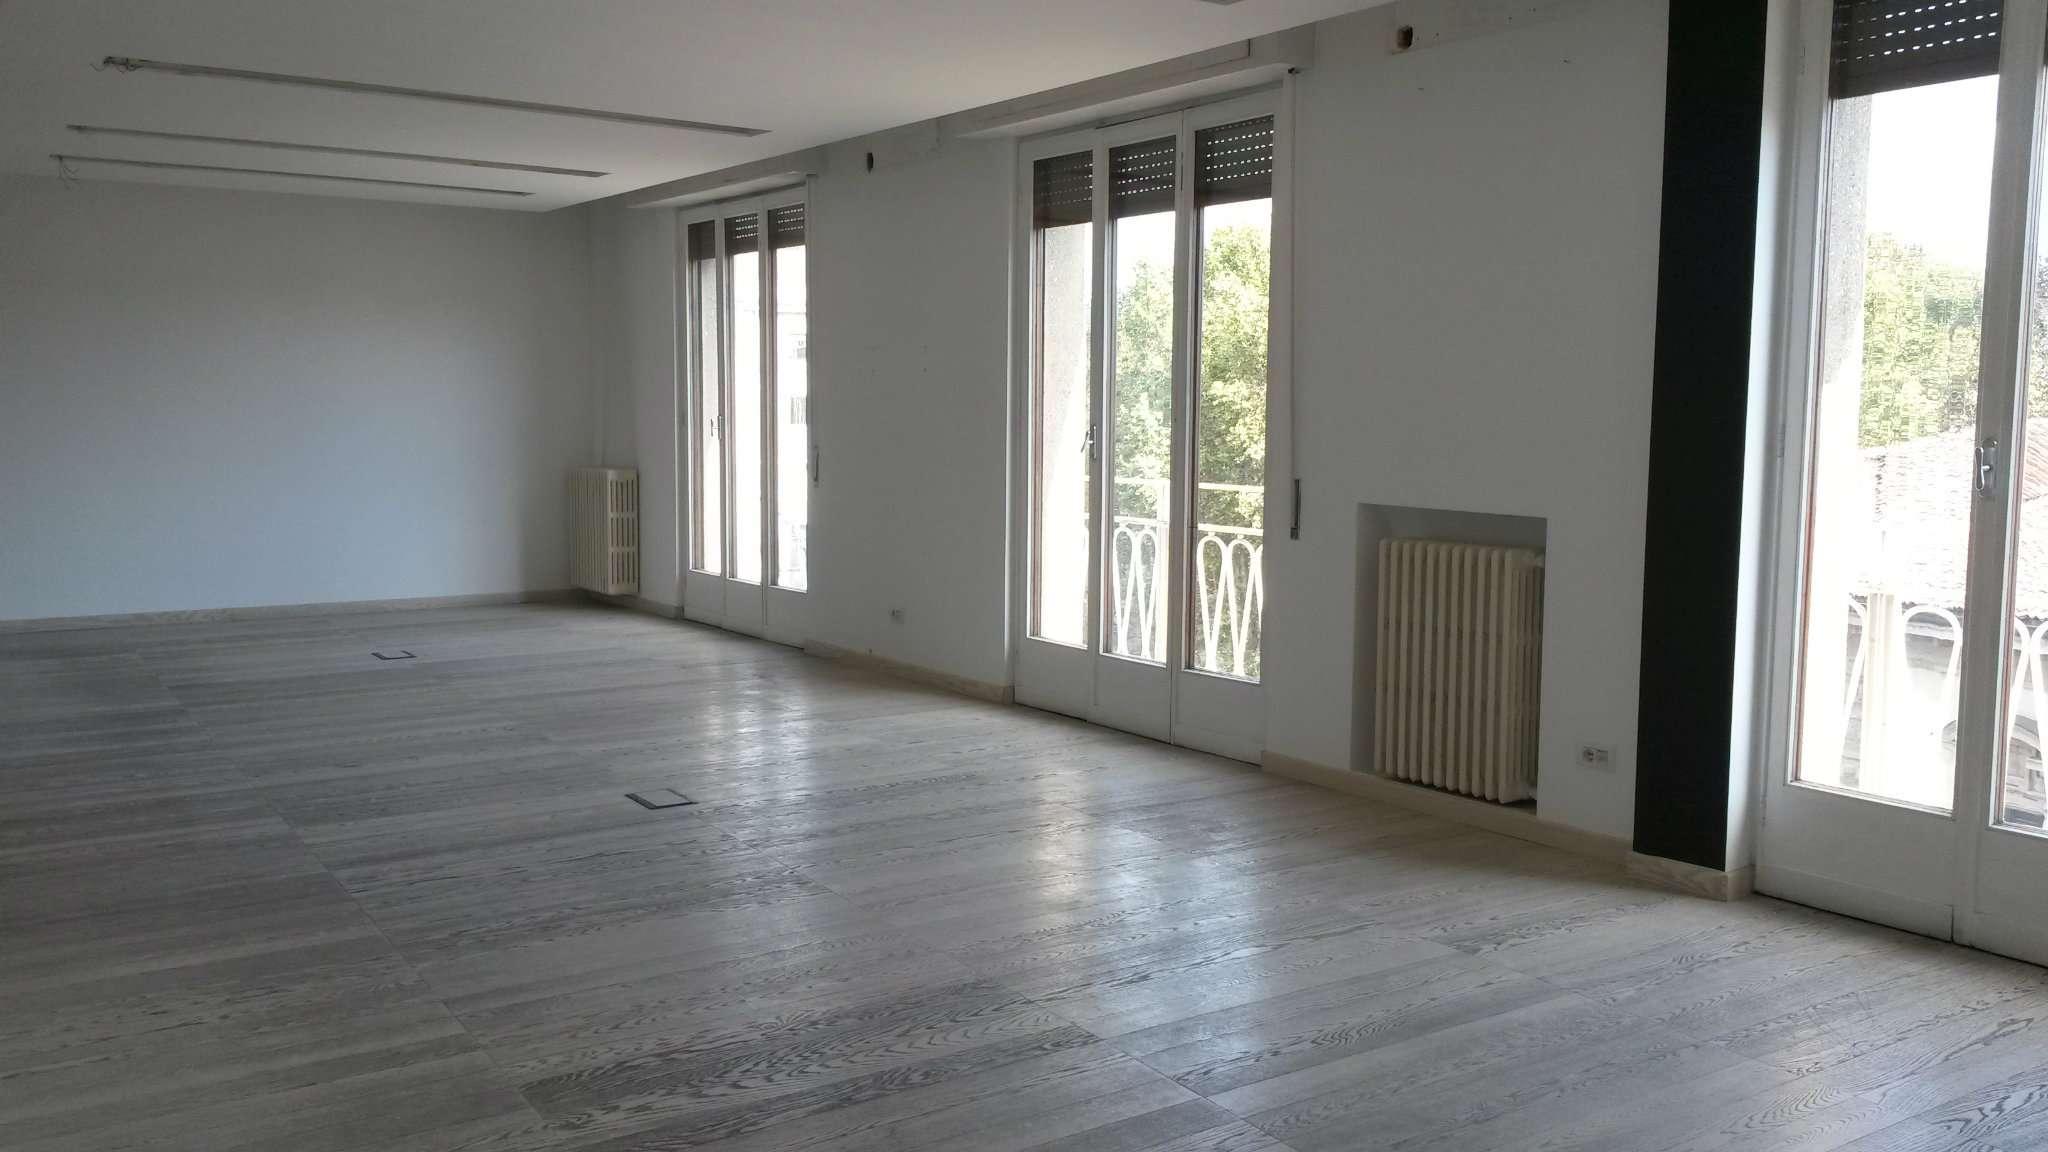 Appartamento in affitto a Milano, 3 locali, zona Zona: 1 . Centro Storico, Duomo, Brera, Cadorna, Cattolica, prezzo € 3.350 | Cambio Casa.it